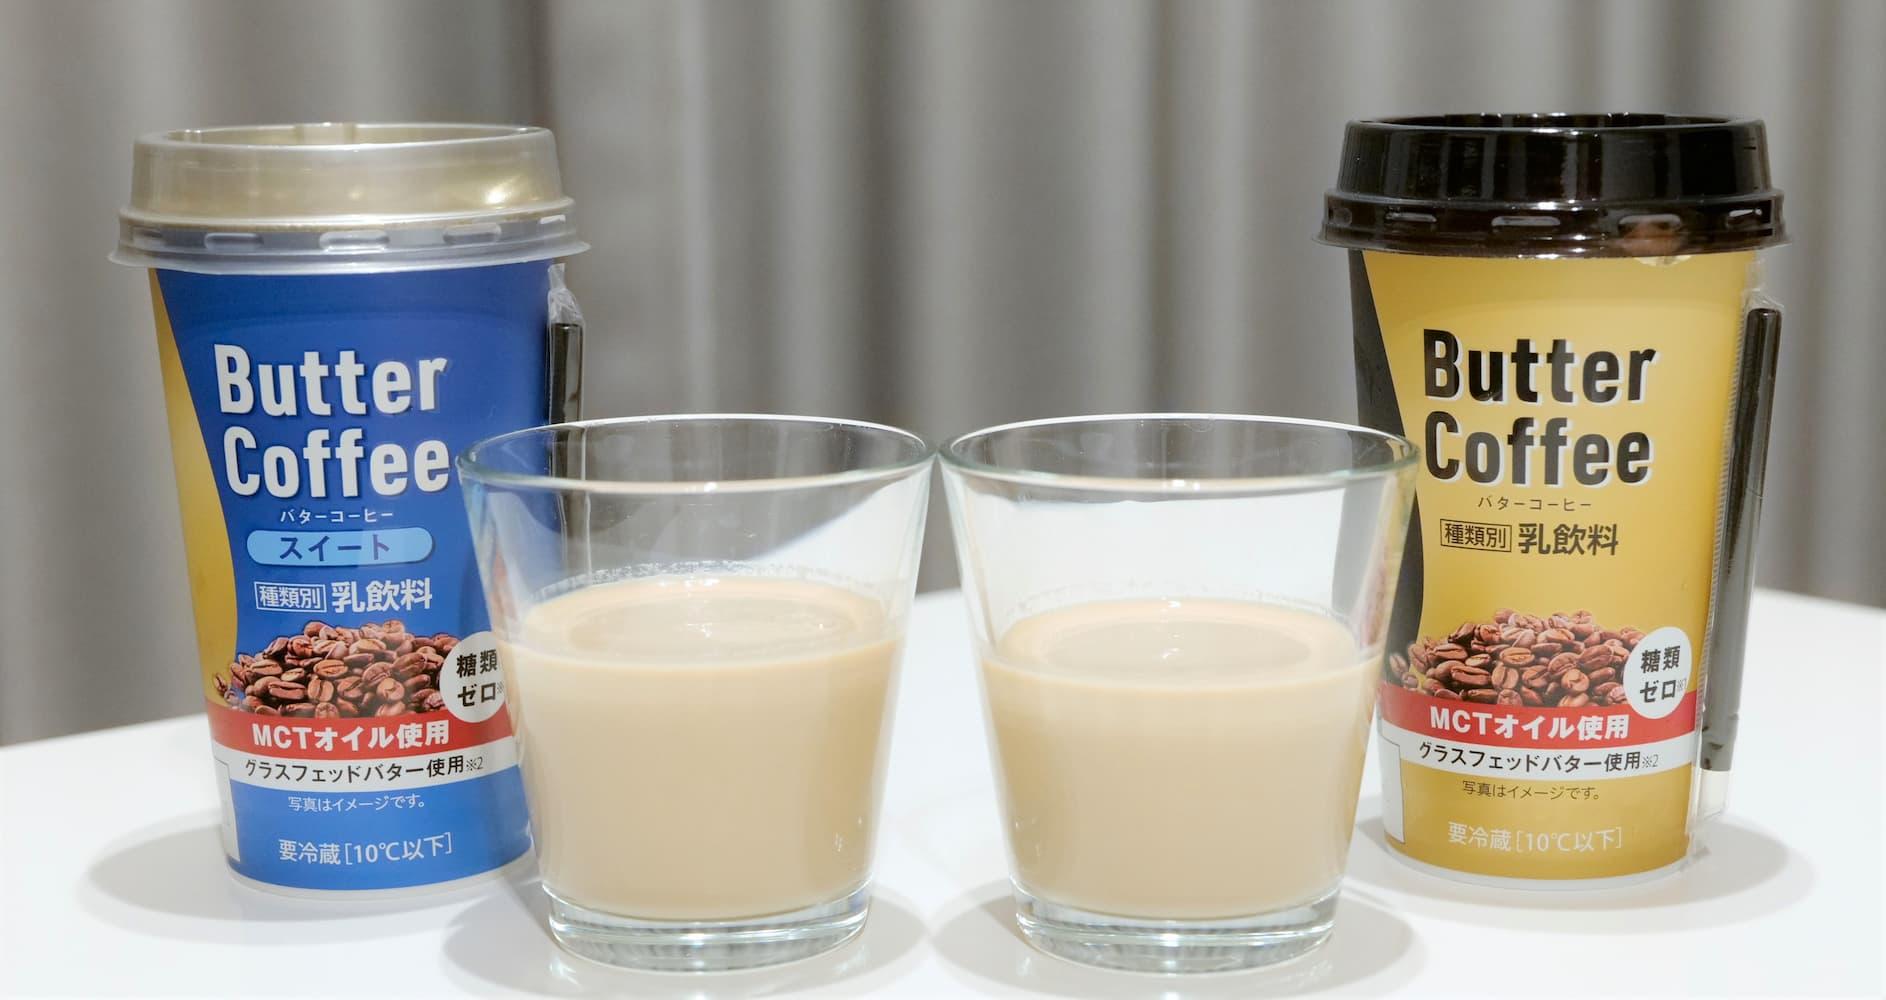 ファミマのバターコーヒー比較